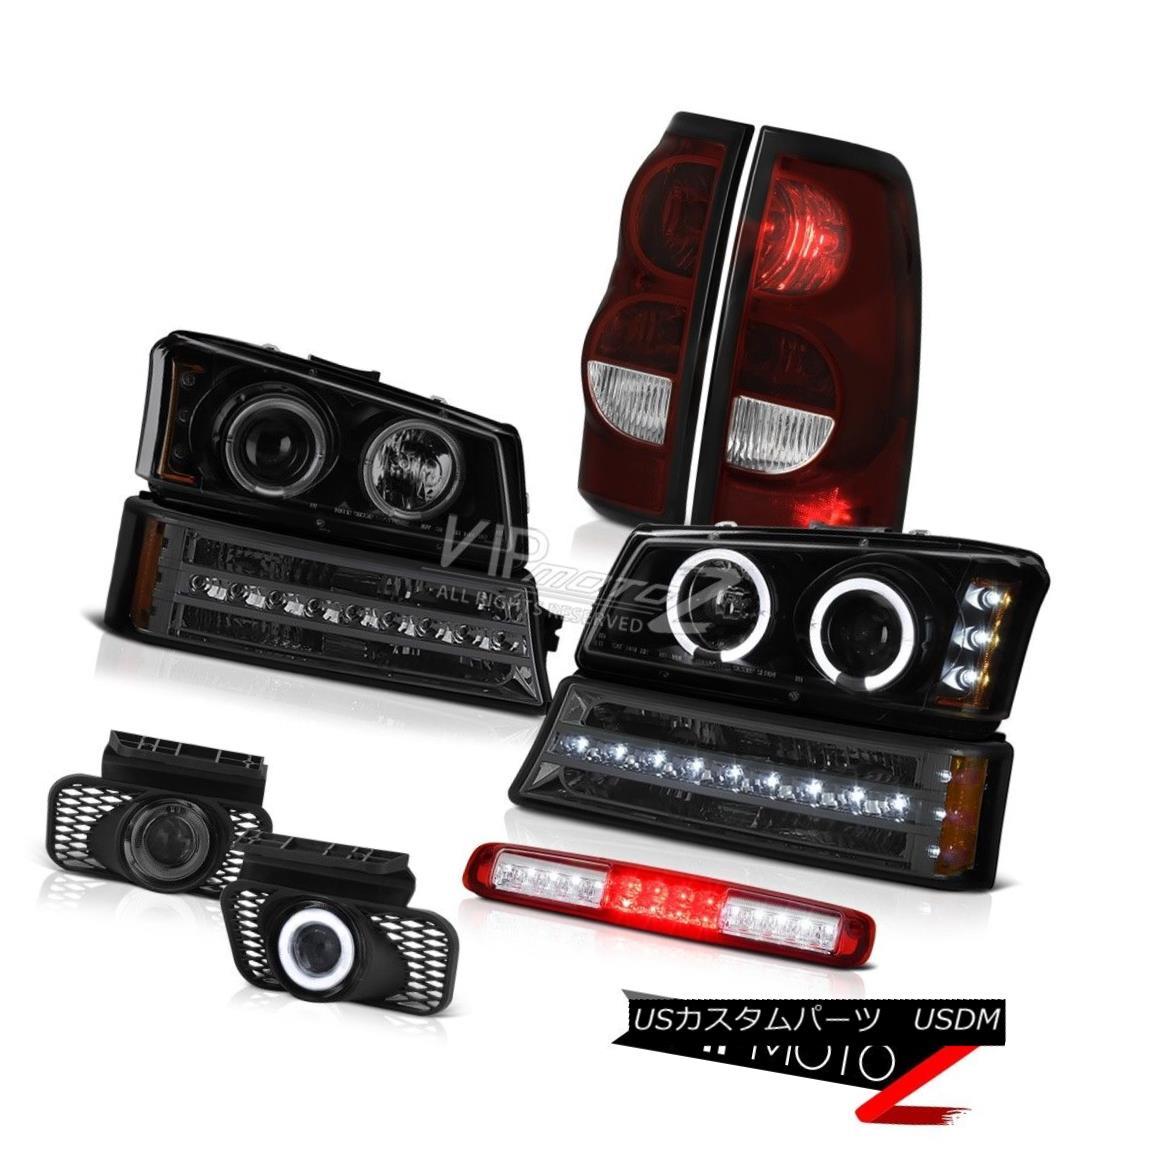 ヘッドライト 03-06 Silverado 3500Hd 3RD Brake Light Foglights Tail Lights Signal Headlights 03-06 Silverado 3500Hd 3RDブレーキライトフォグライトテールライトシグナルヘッドライト